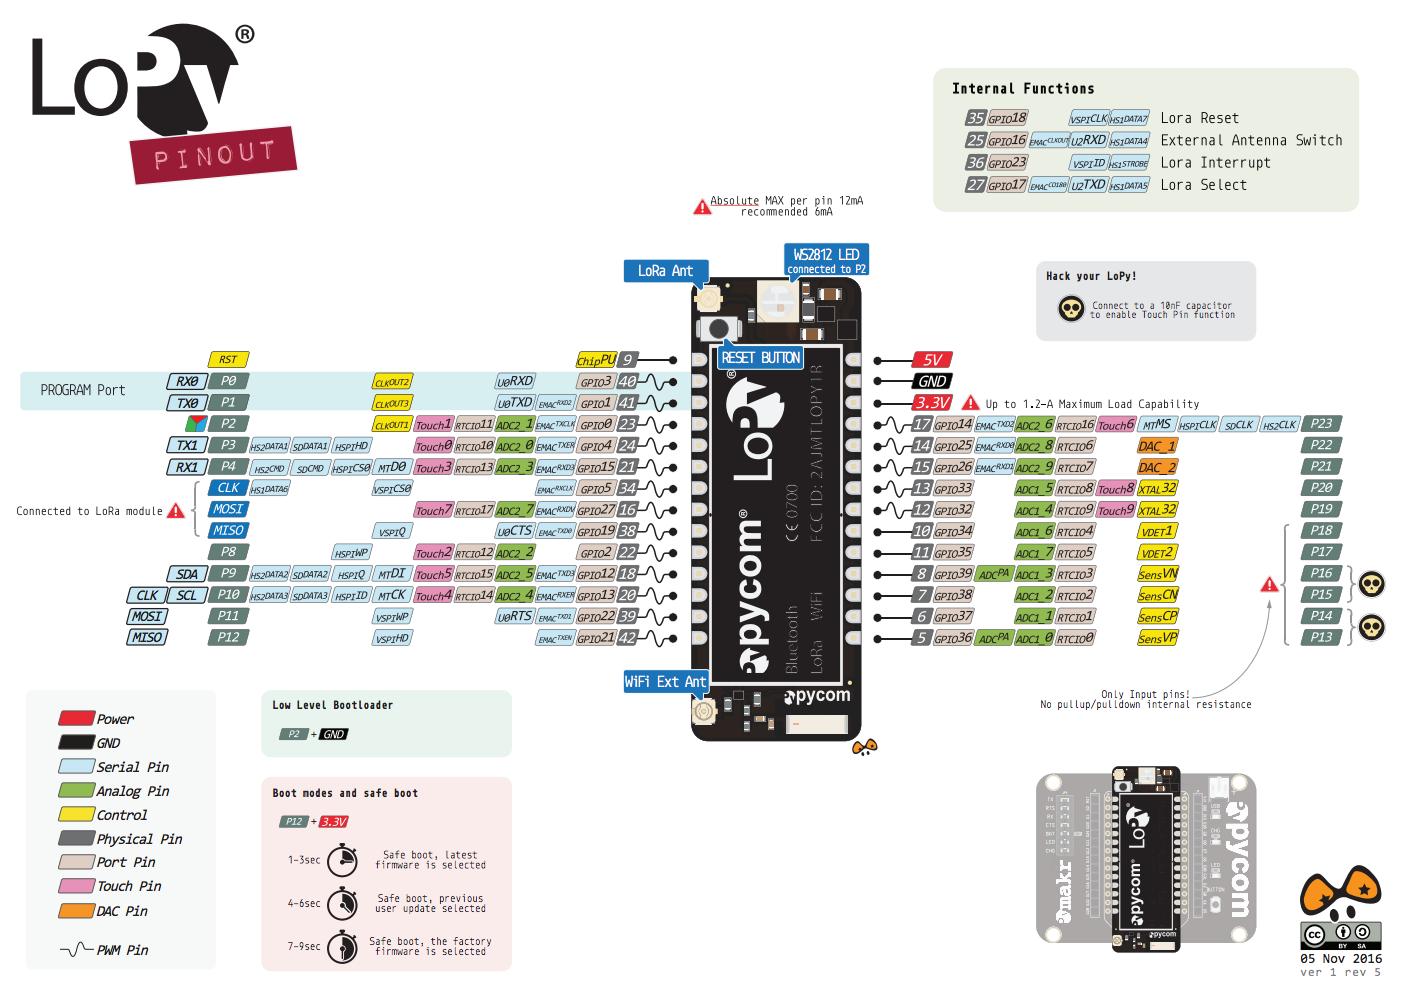 LoPy - Triple-network WiFi, Bluetooth and LoRa dev board - Hardware